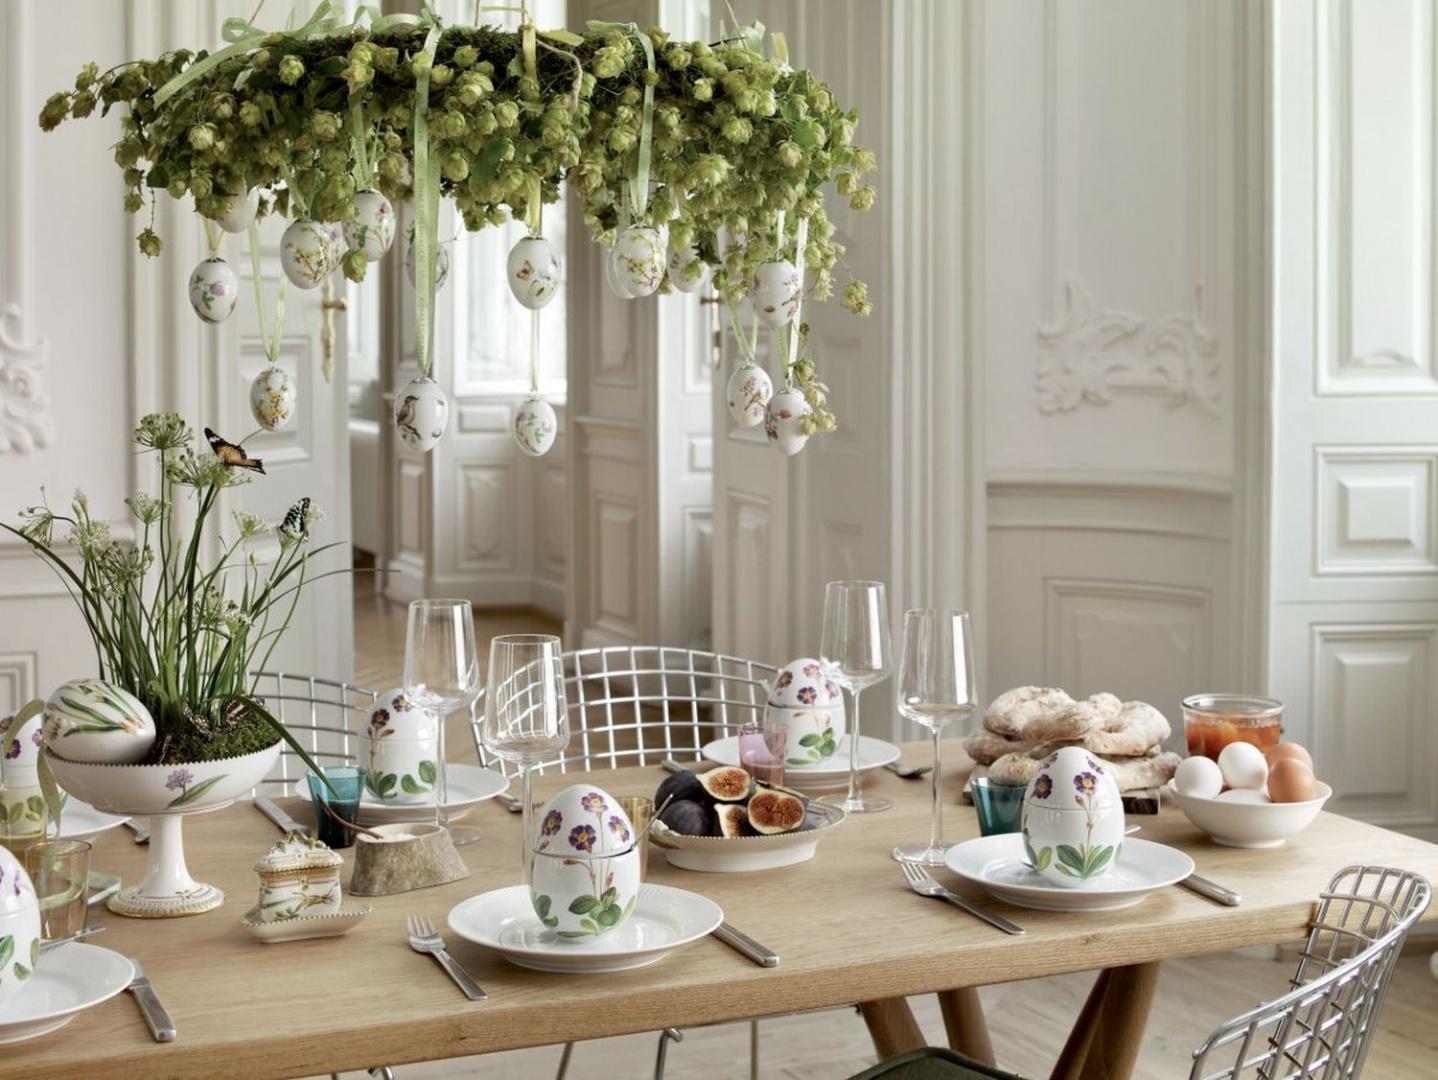 Tutaj dekoracją stołu są porcelanowe jaja pomalowane kolorowymi farbami oraz dekoracyjne zawieszki na dekoracyjnym wianku wiszącym nad stołem. Fot. Royal Copenhagen.